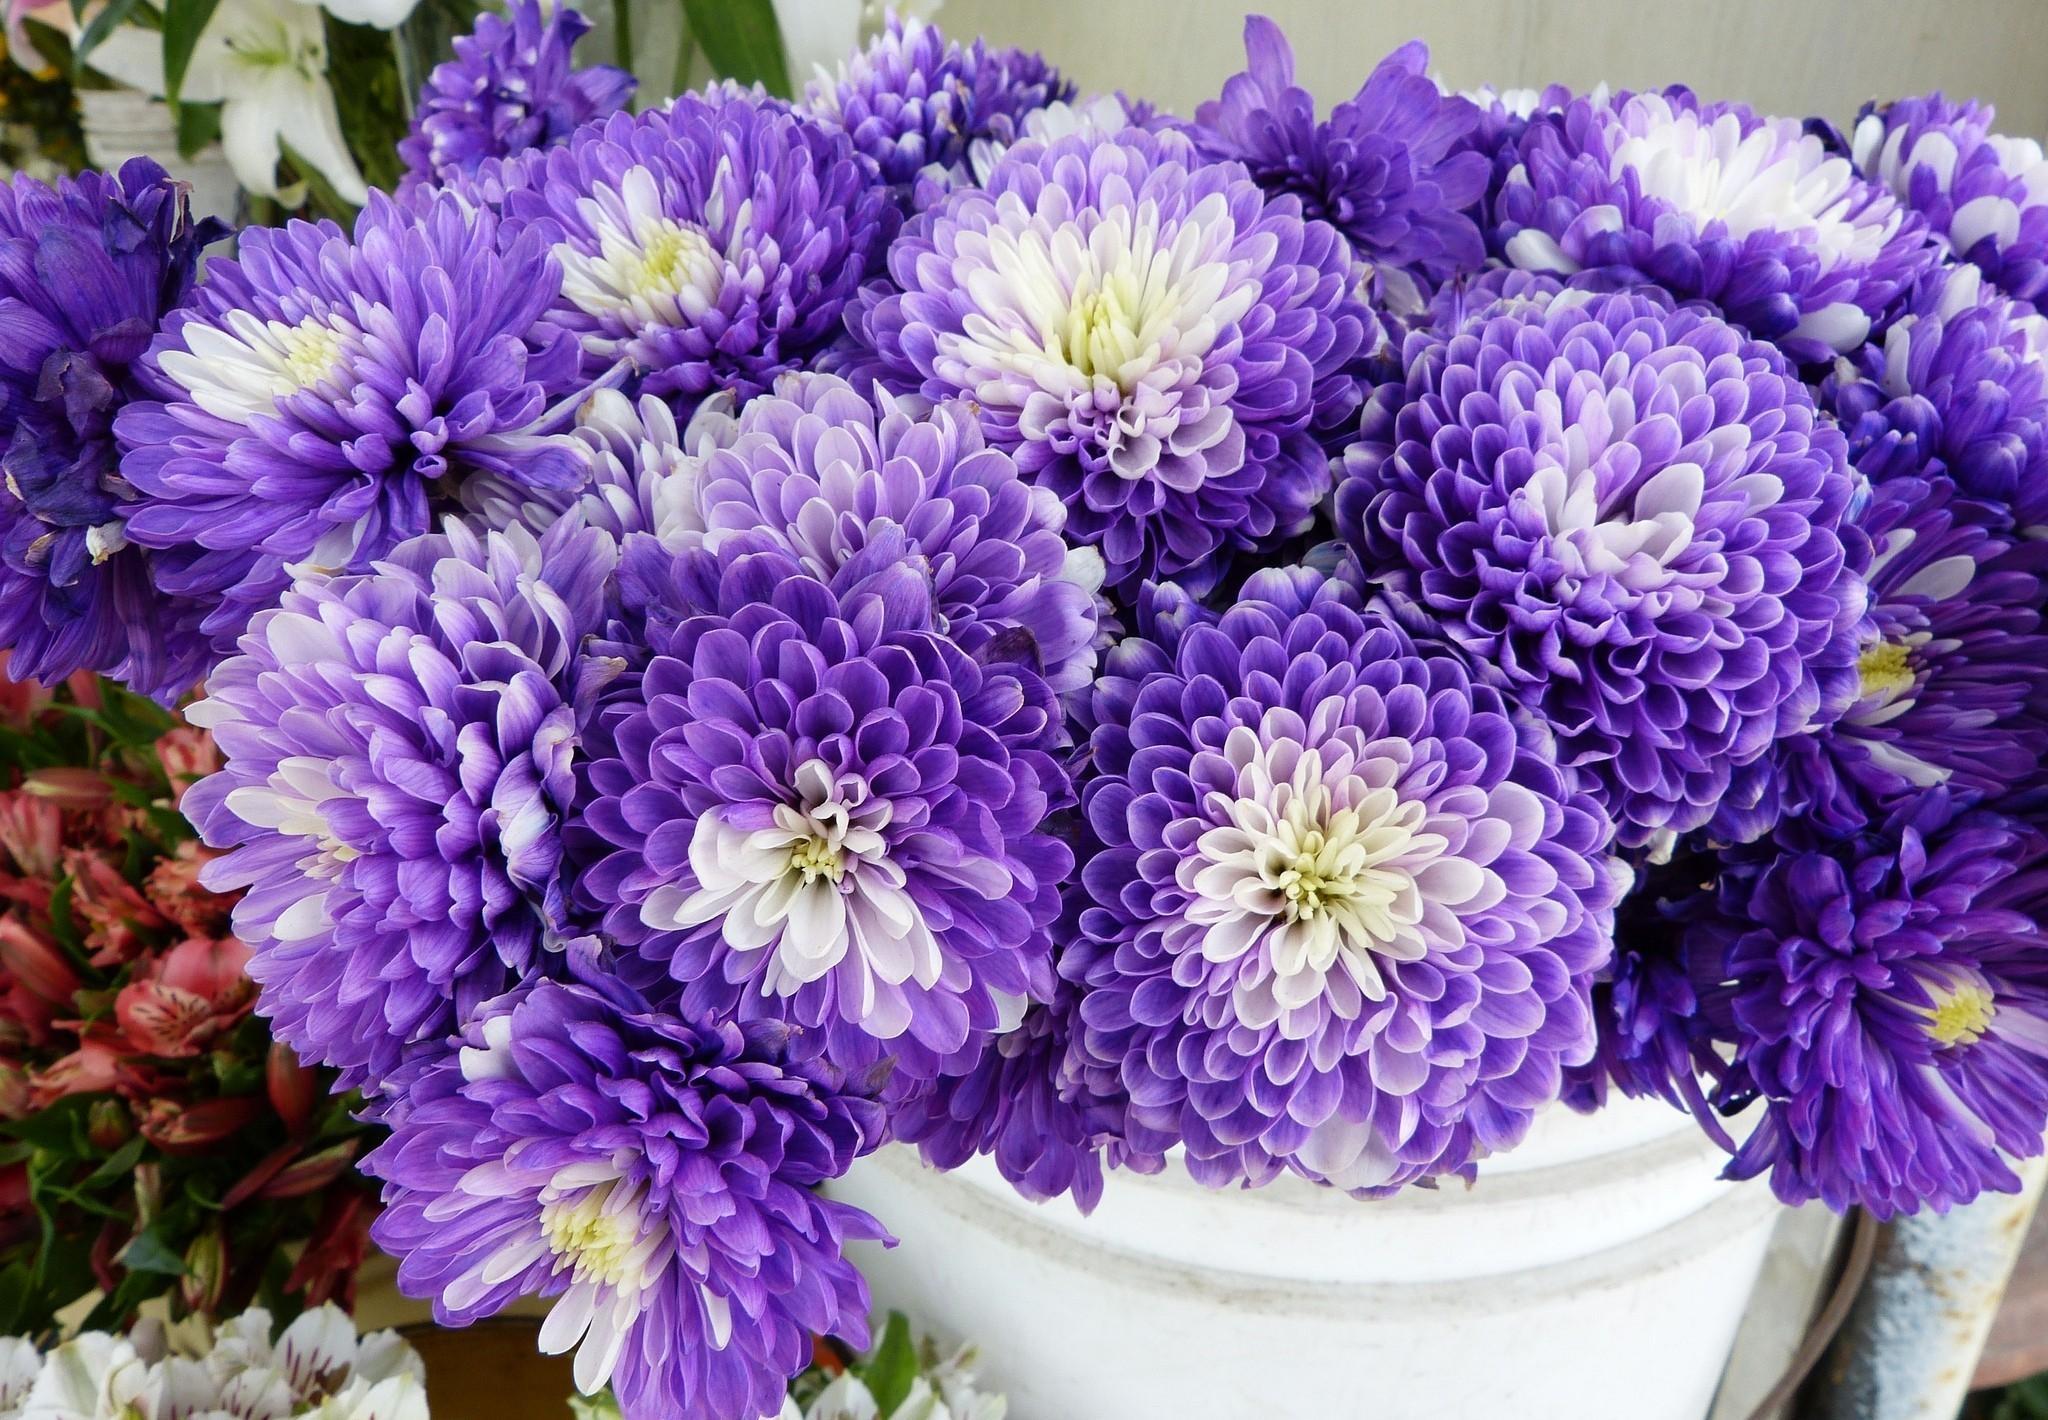 69964 скачать обои Цветы, Двухцветные, Много, Хризантемы - заставки и картинки бесплатно